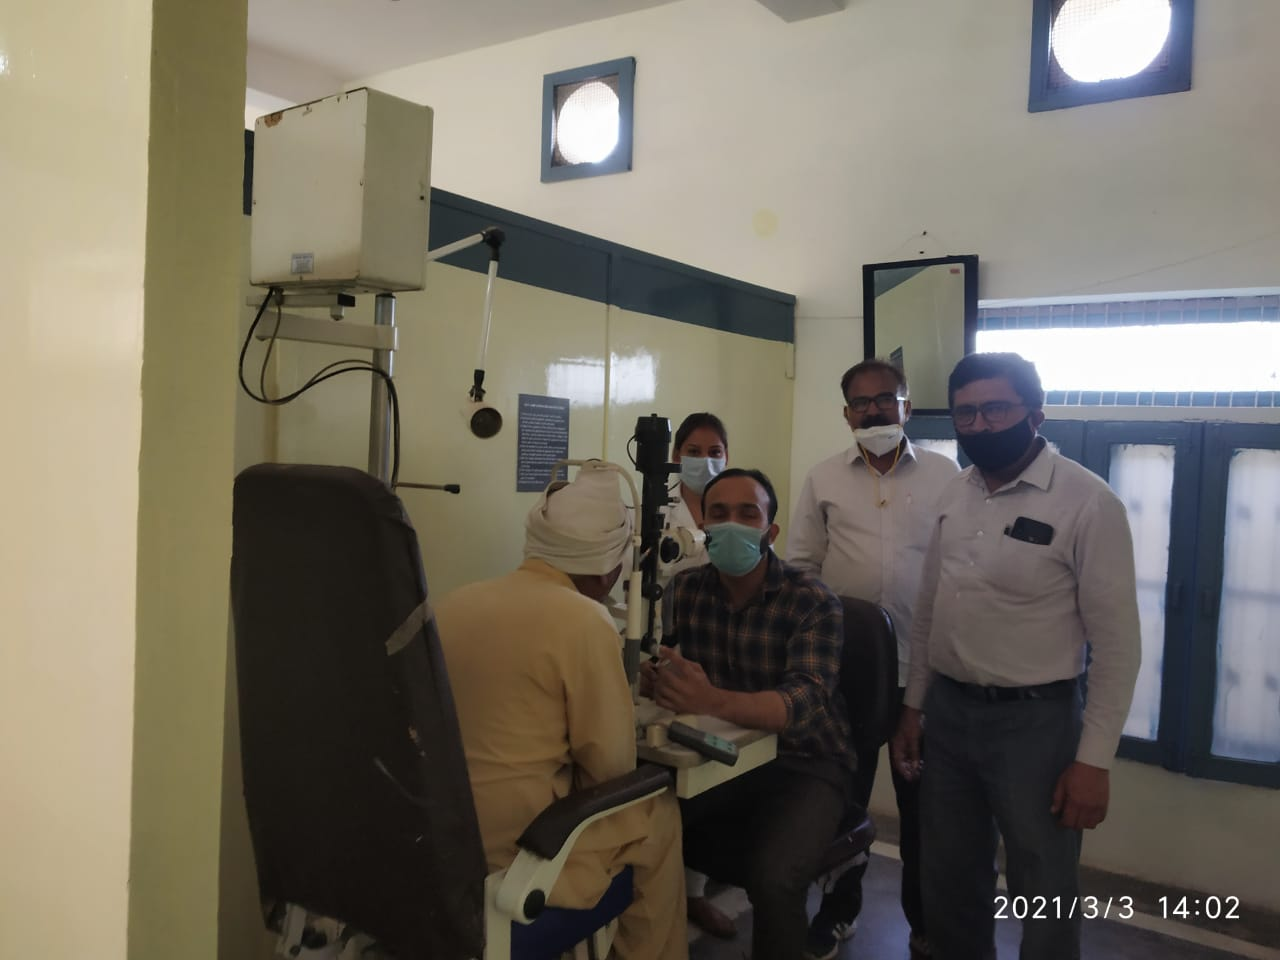 निरामया चैरिटेबल आई केयर सेंटर द्वारा पटौदी में हुआ नेत्र चिकित्सा शिविर का आयोजन - सूर्य देव